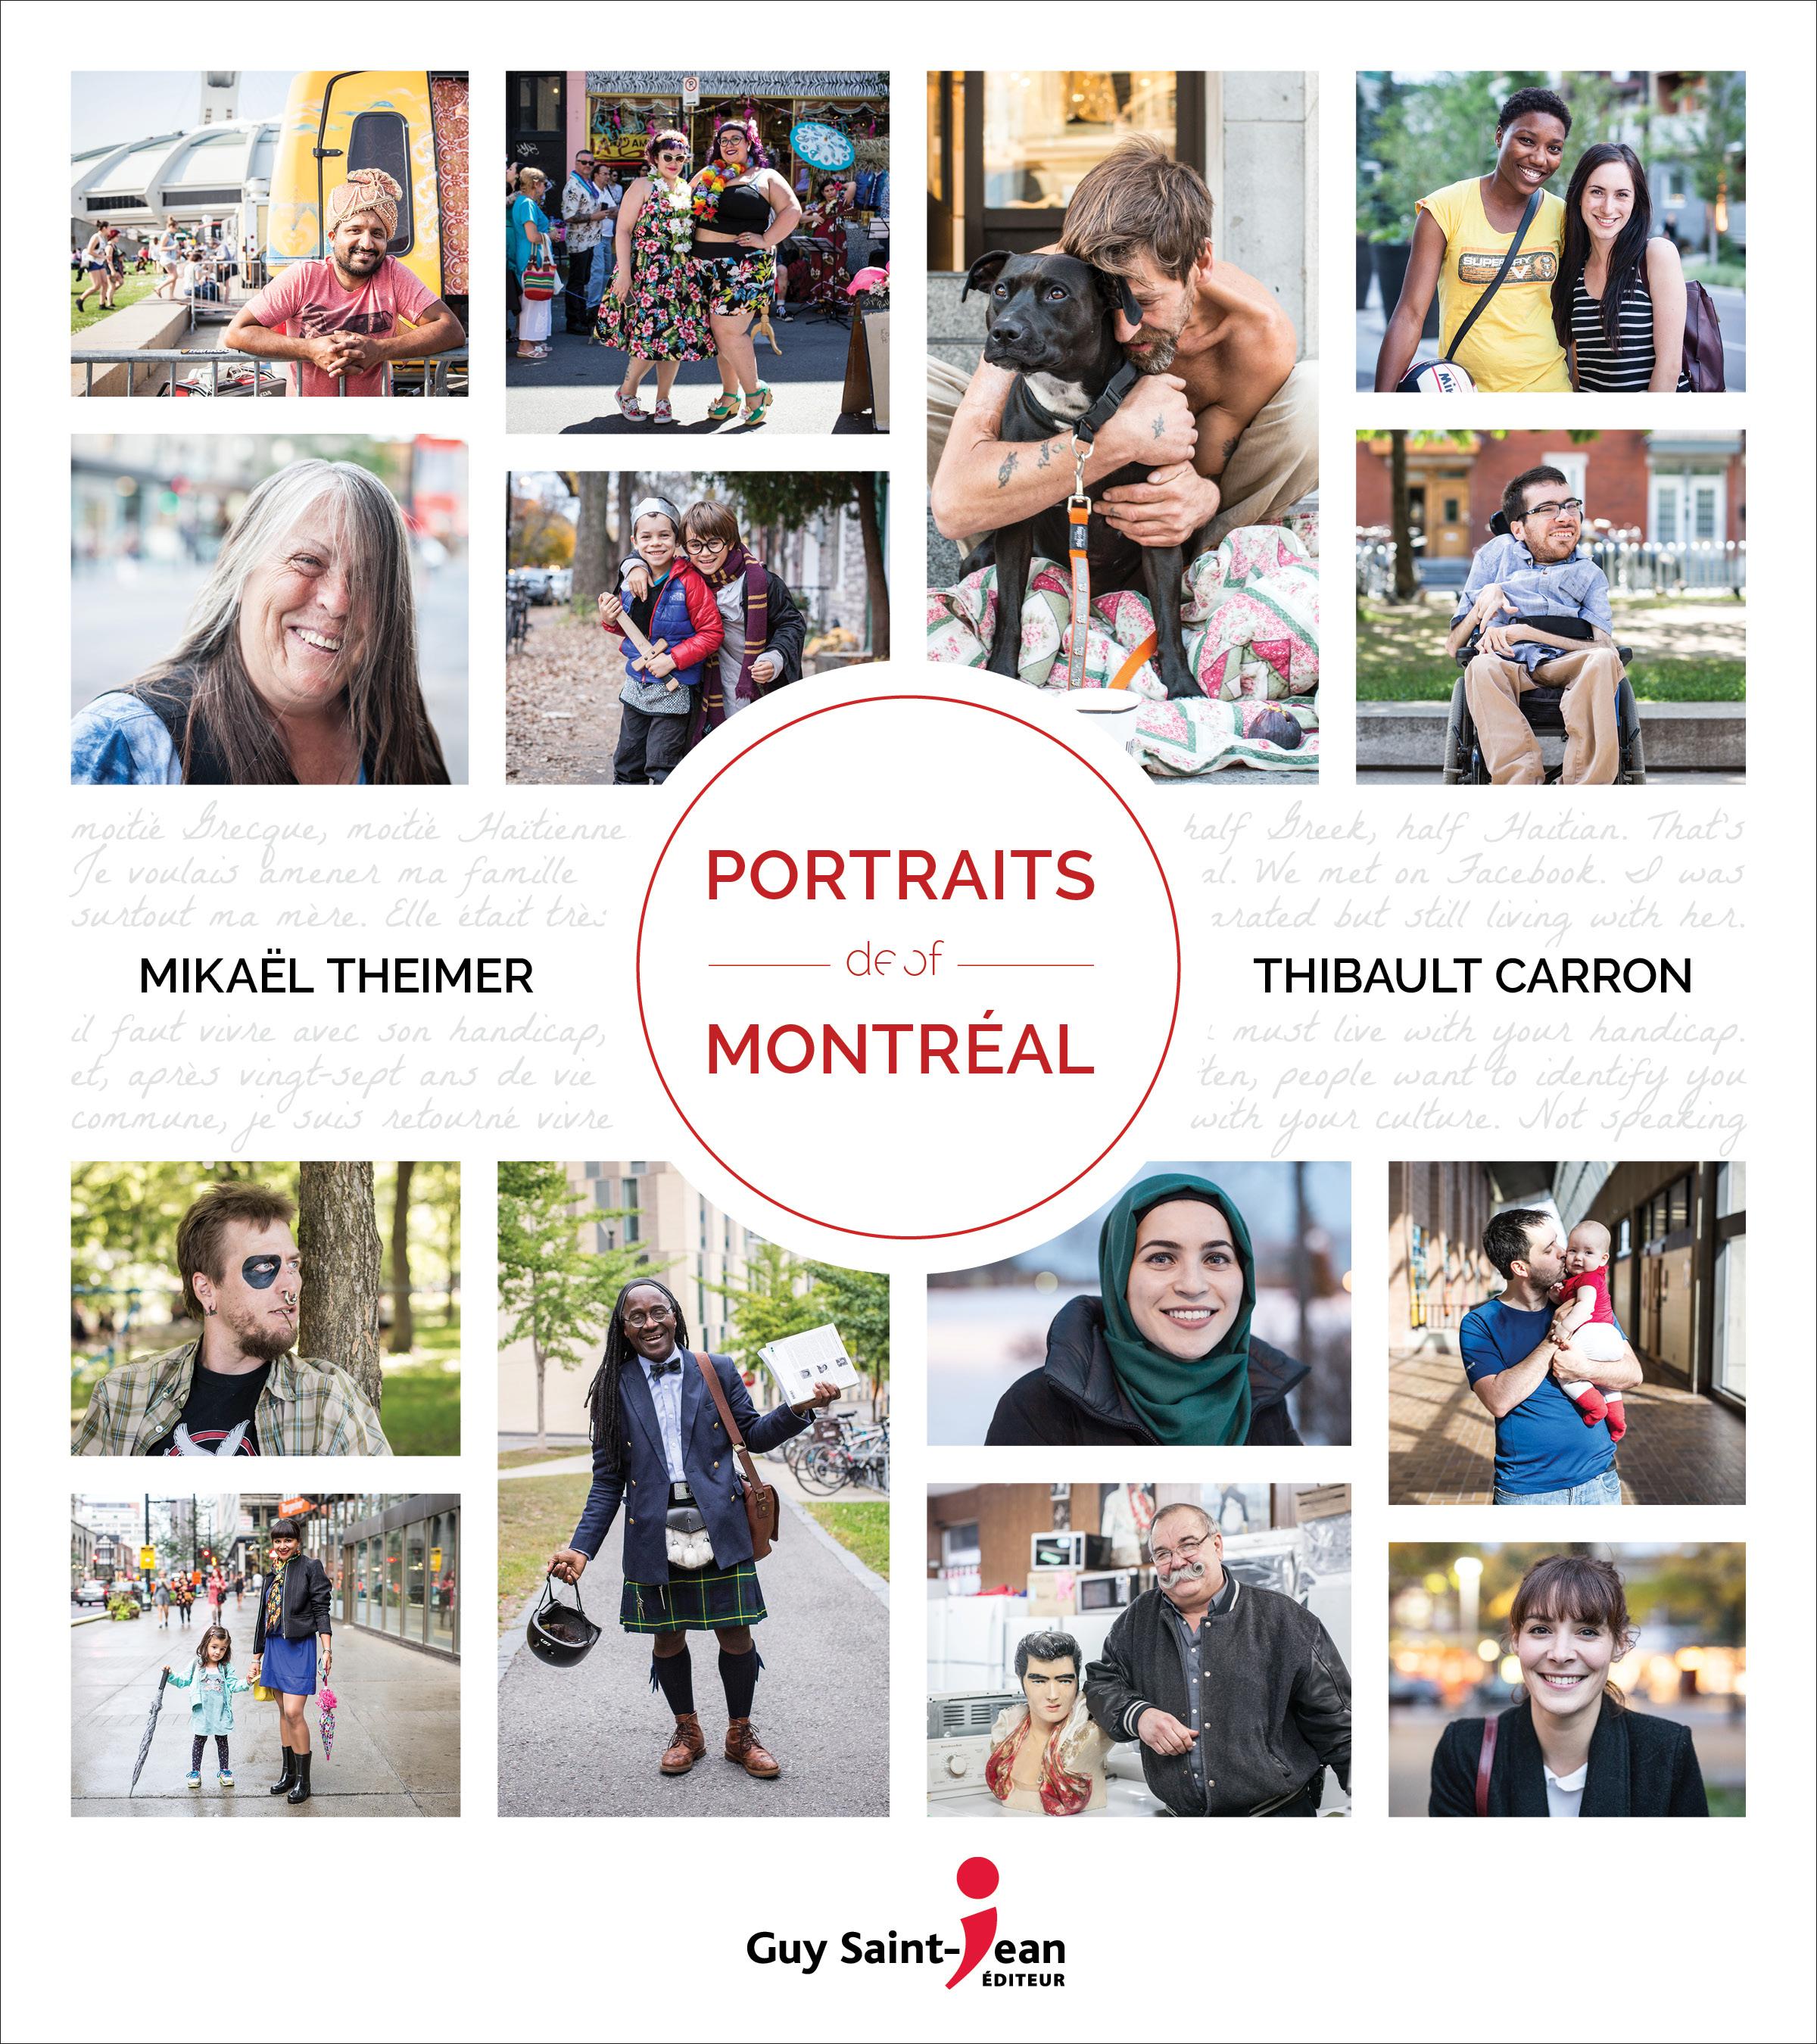 c1_portraits-de-montreal_finale_hr_eb